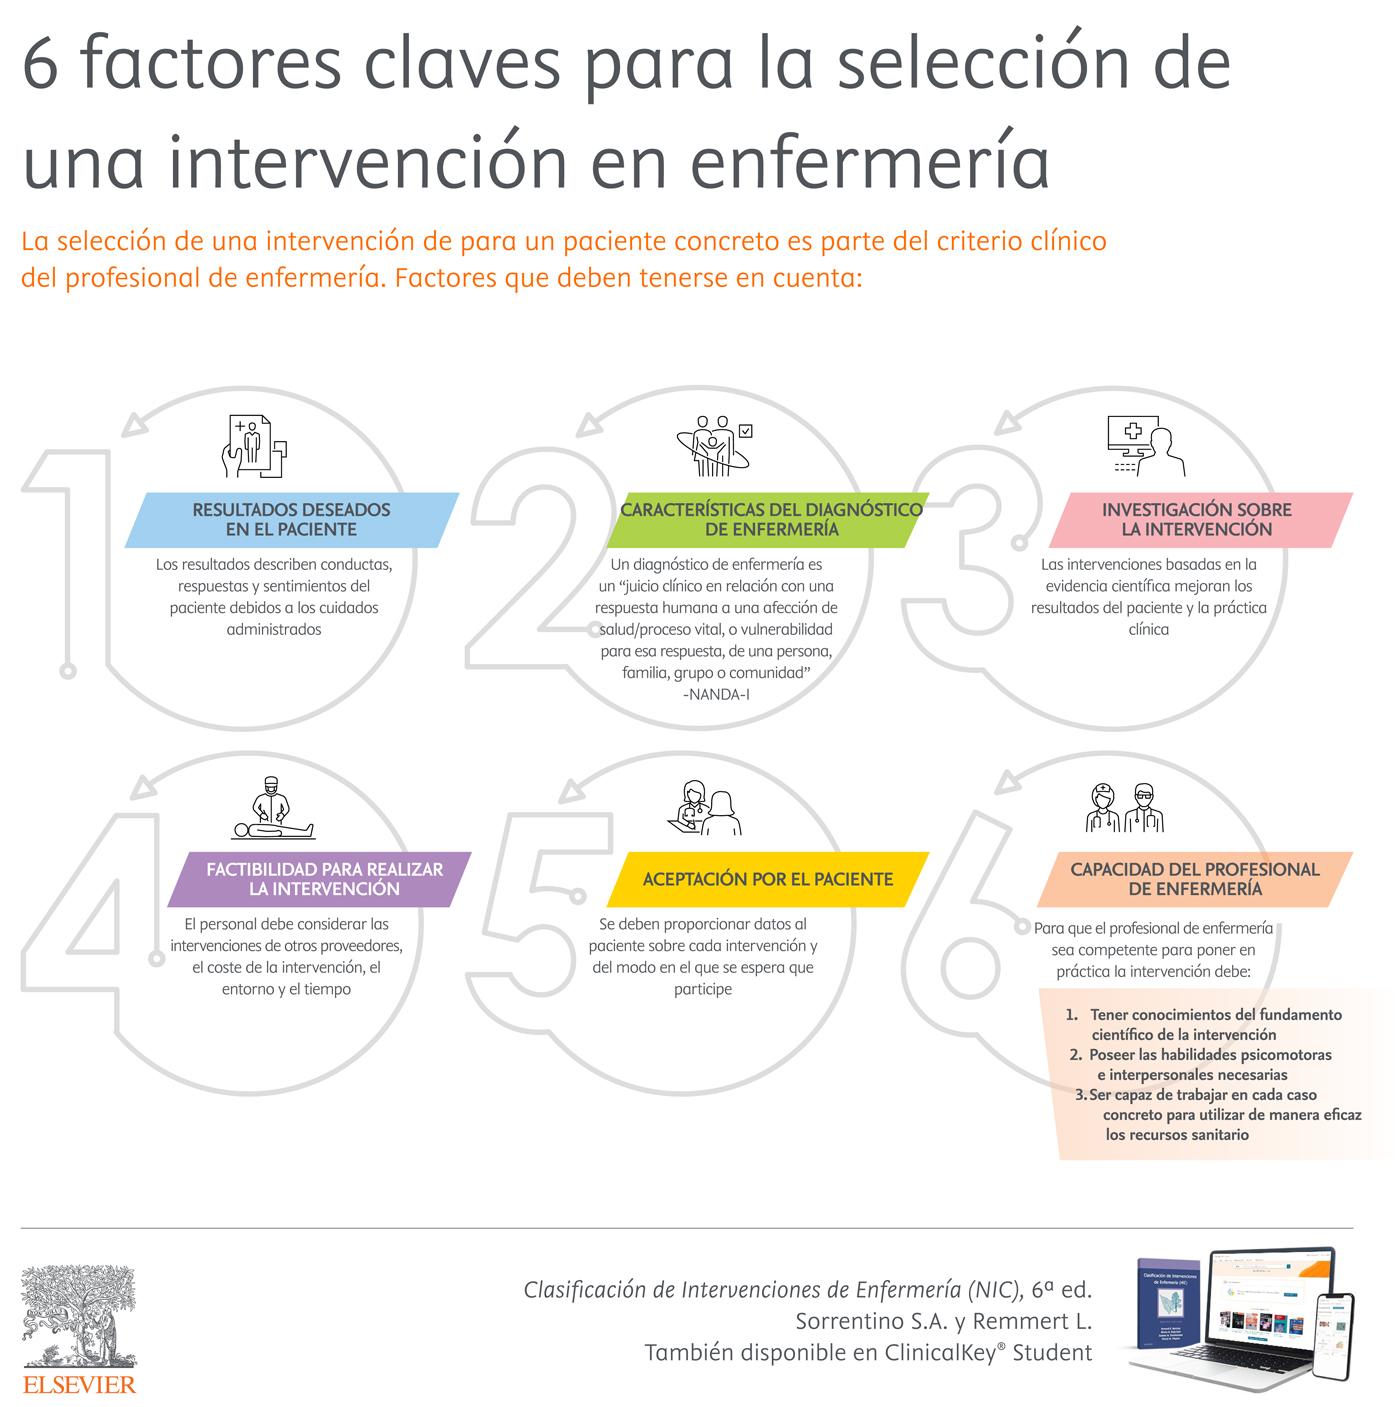 6_factores-claves-seleccion-intervencion.jpg